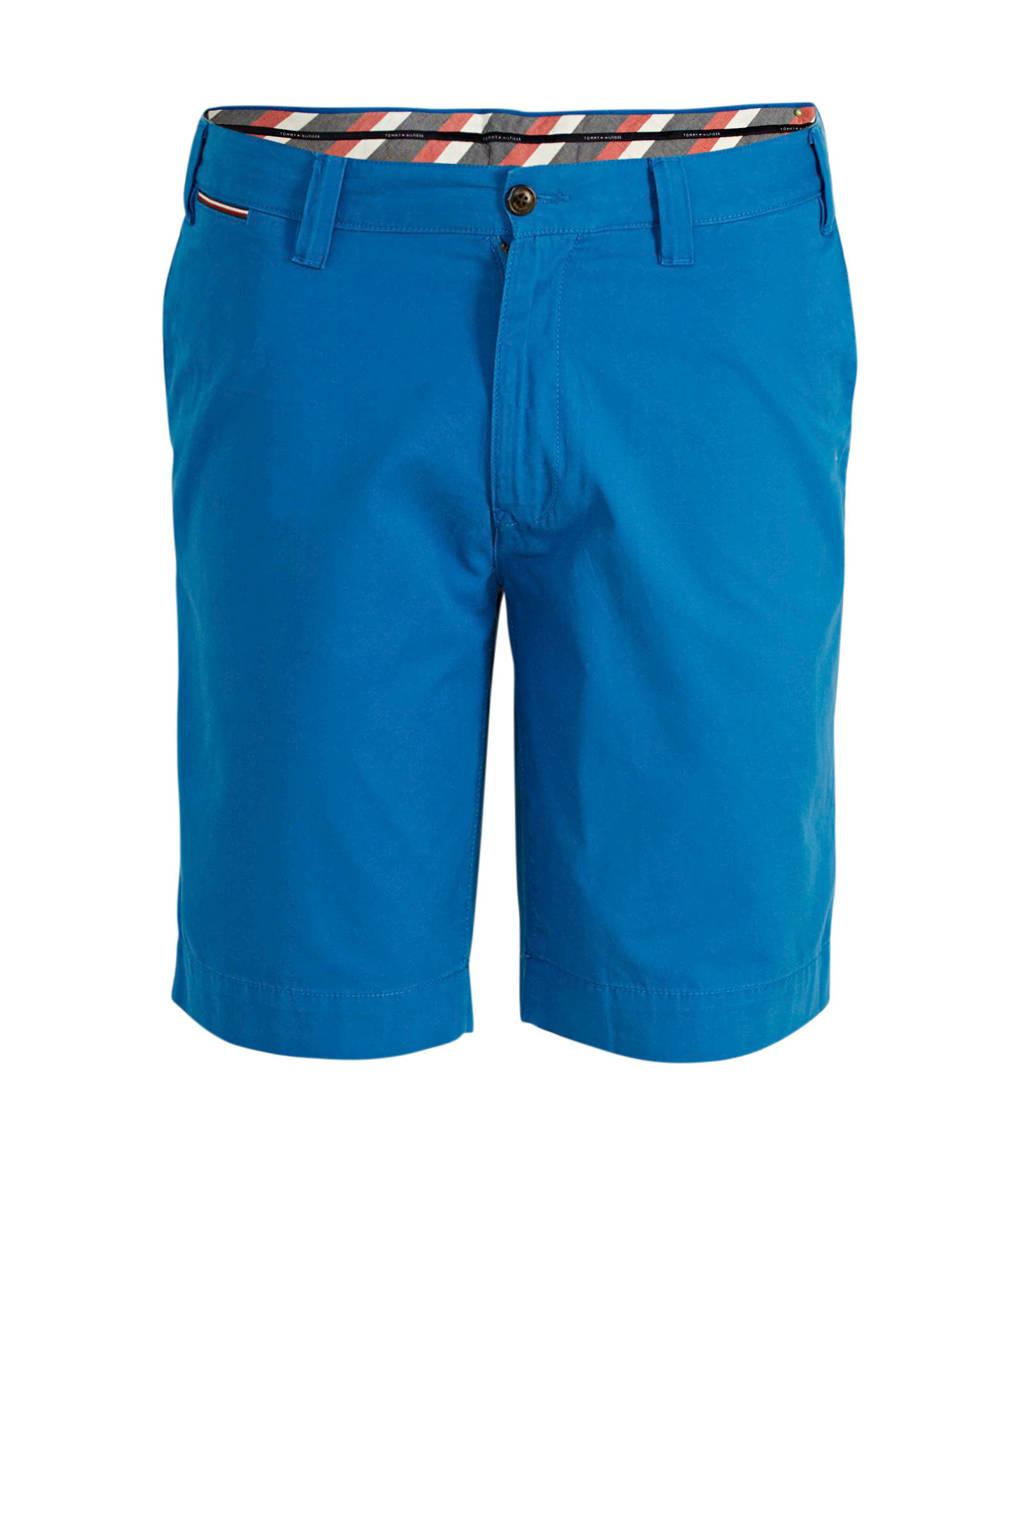 Tommy Hilfiger Big & Tall +size regular fit bermuda blauw, Blauw